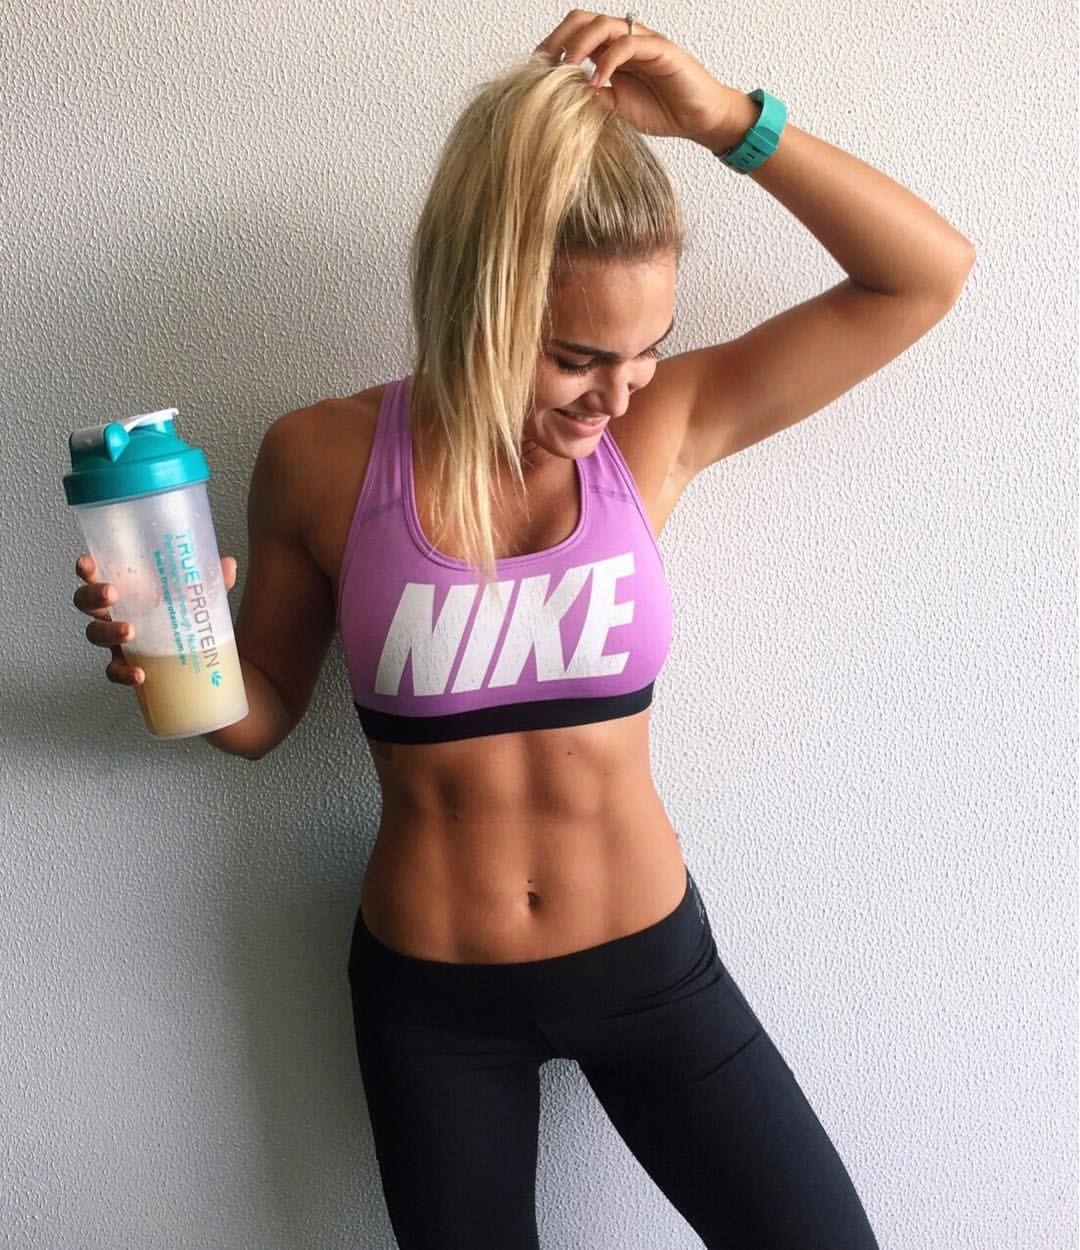 Amazing abs fitspo - Nike sports bra